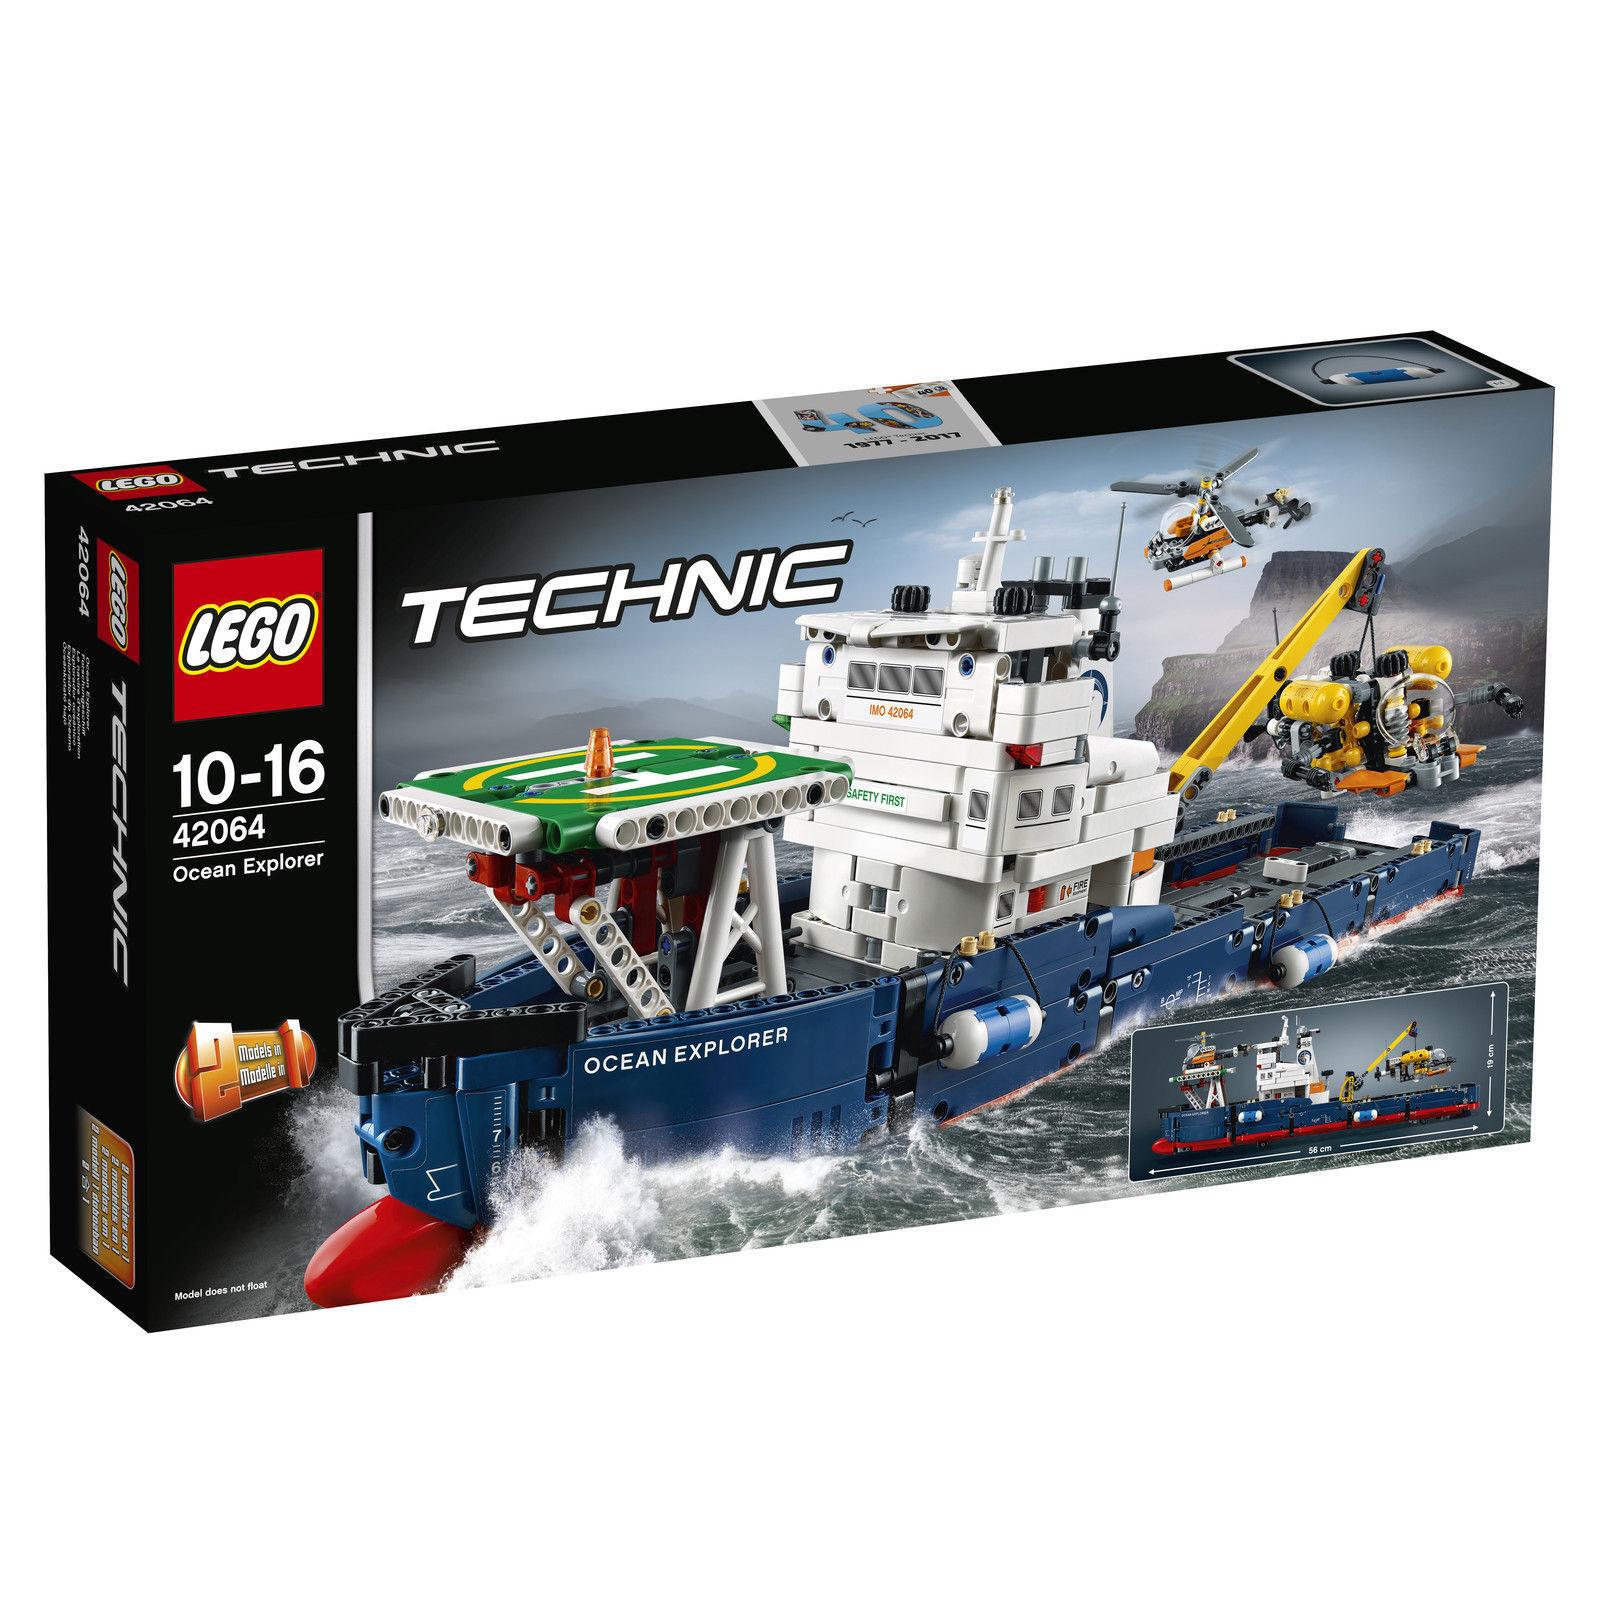 Lego Technic barco de investigación (42064) nuevo en el embalaje original